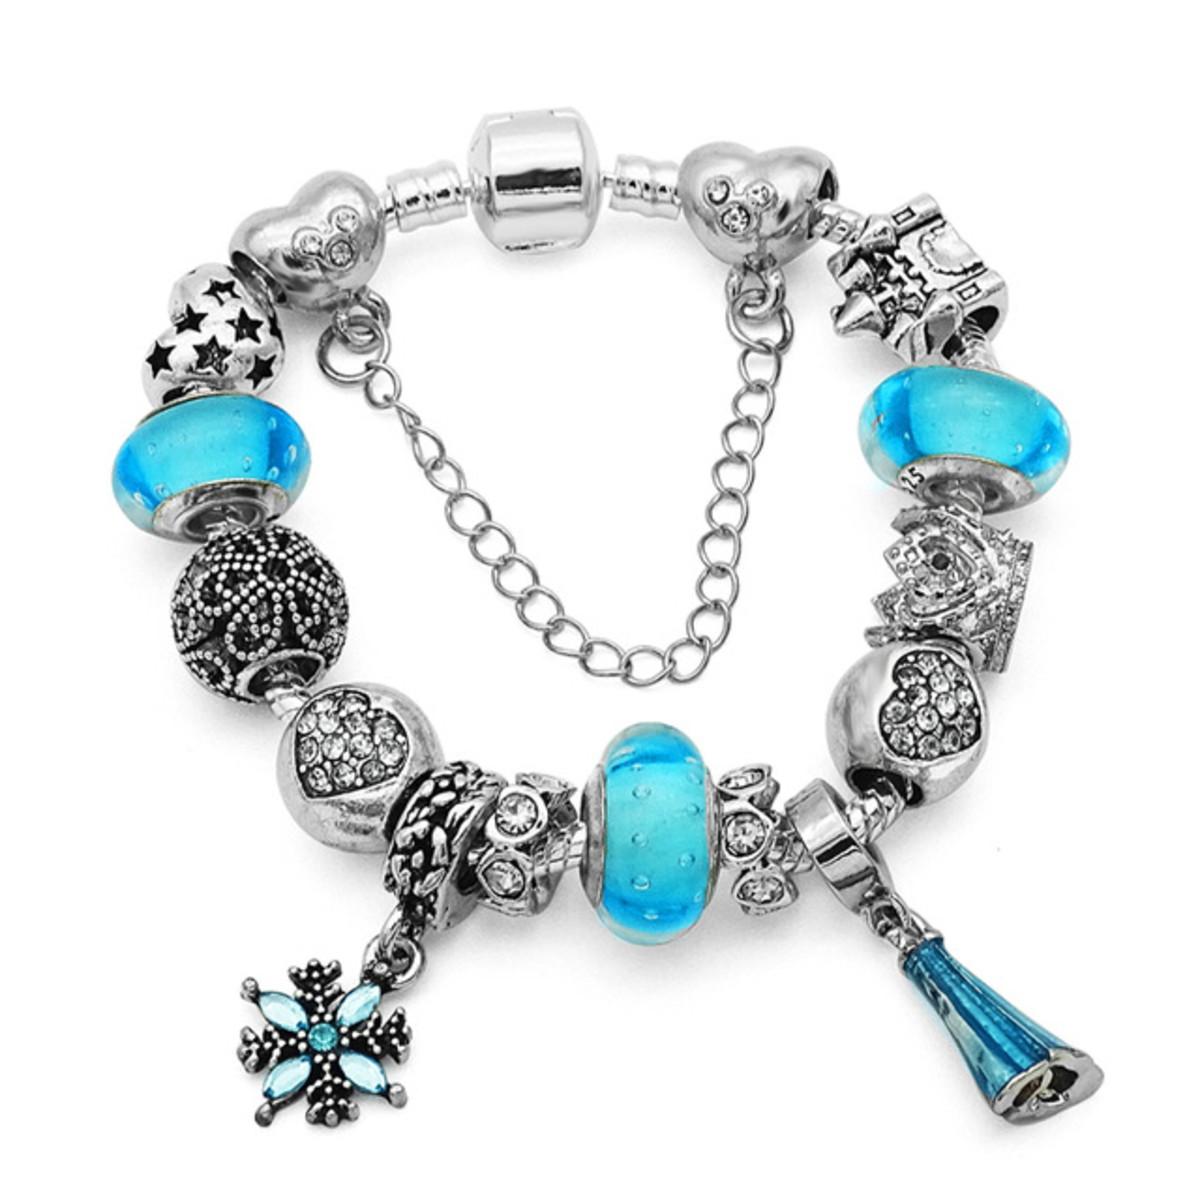 5a9d4124a09 Pulseira Tipo Pandora Vivara Infantil Elsa Frozen Banhada no Elo7 ...